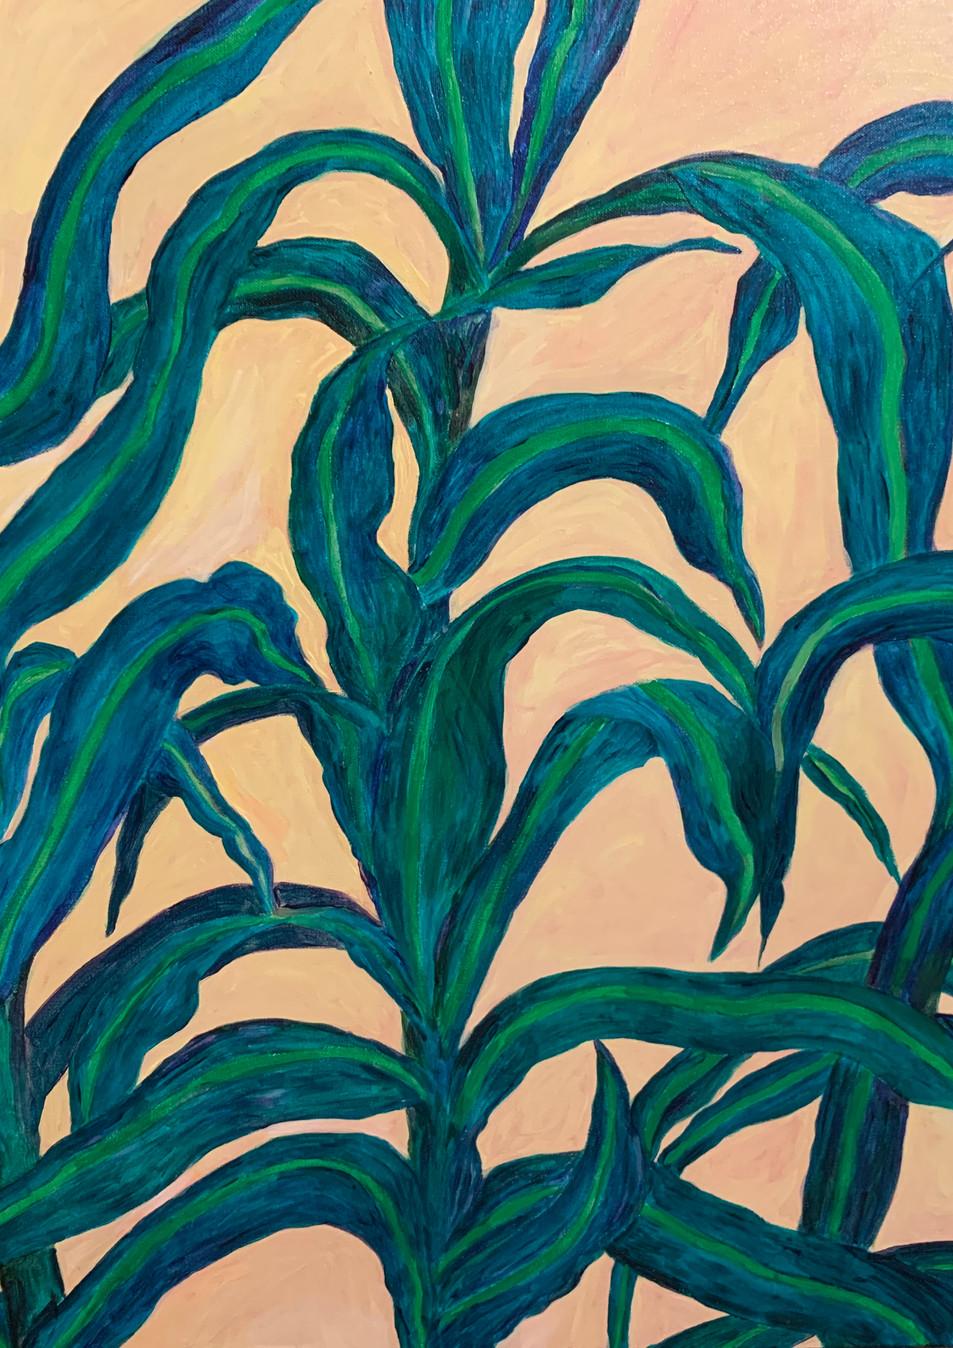 Illumination (2020), Acrylic on canvas, 36x48